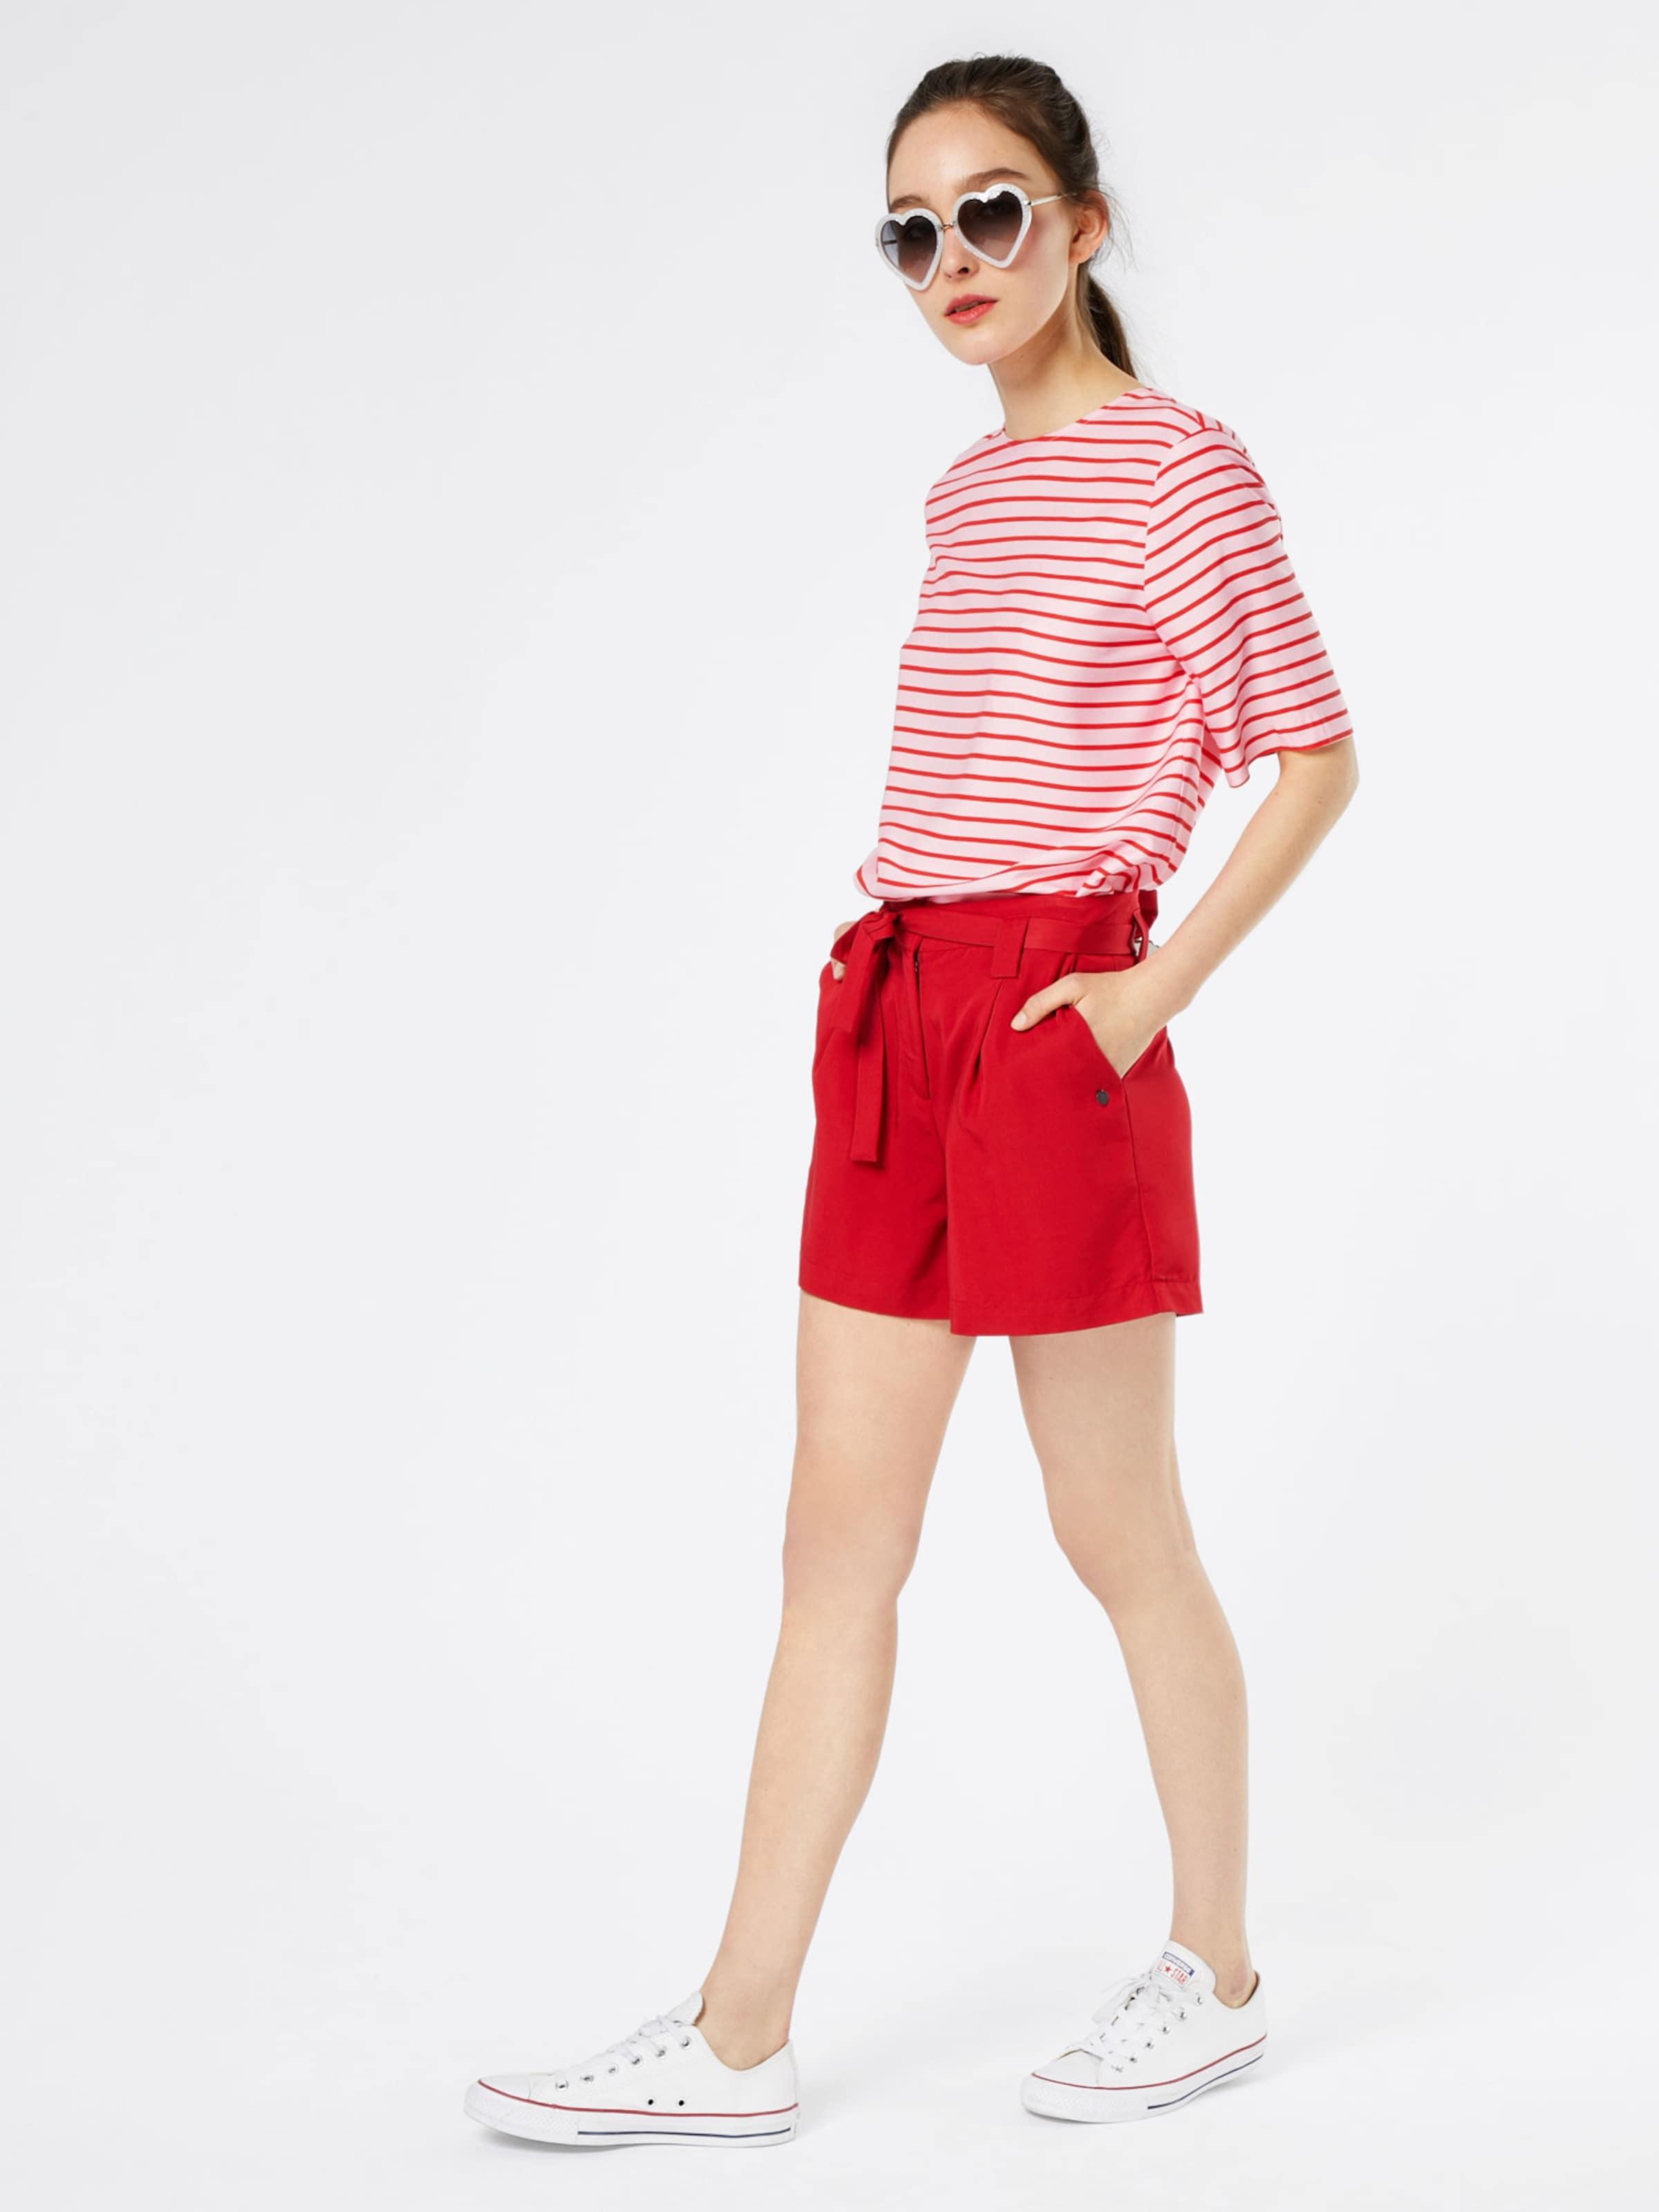 Billig Bester Großhandel PIECES T-Shirts 'MISA' Webseite Günstiger Preis Neue Stile Zu Verkaufen Billig Erschwinglich nCBIRh